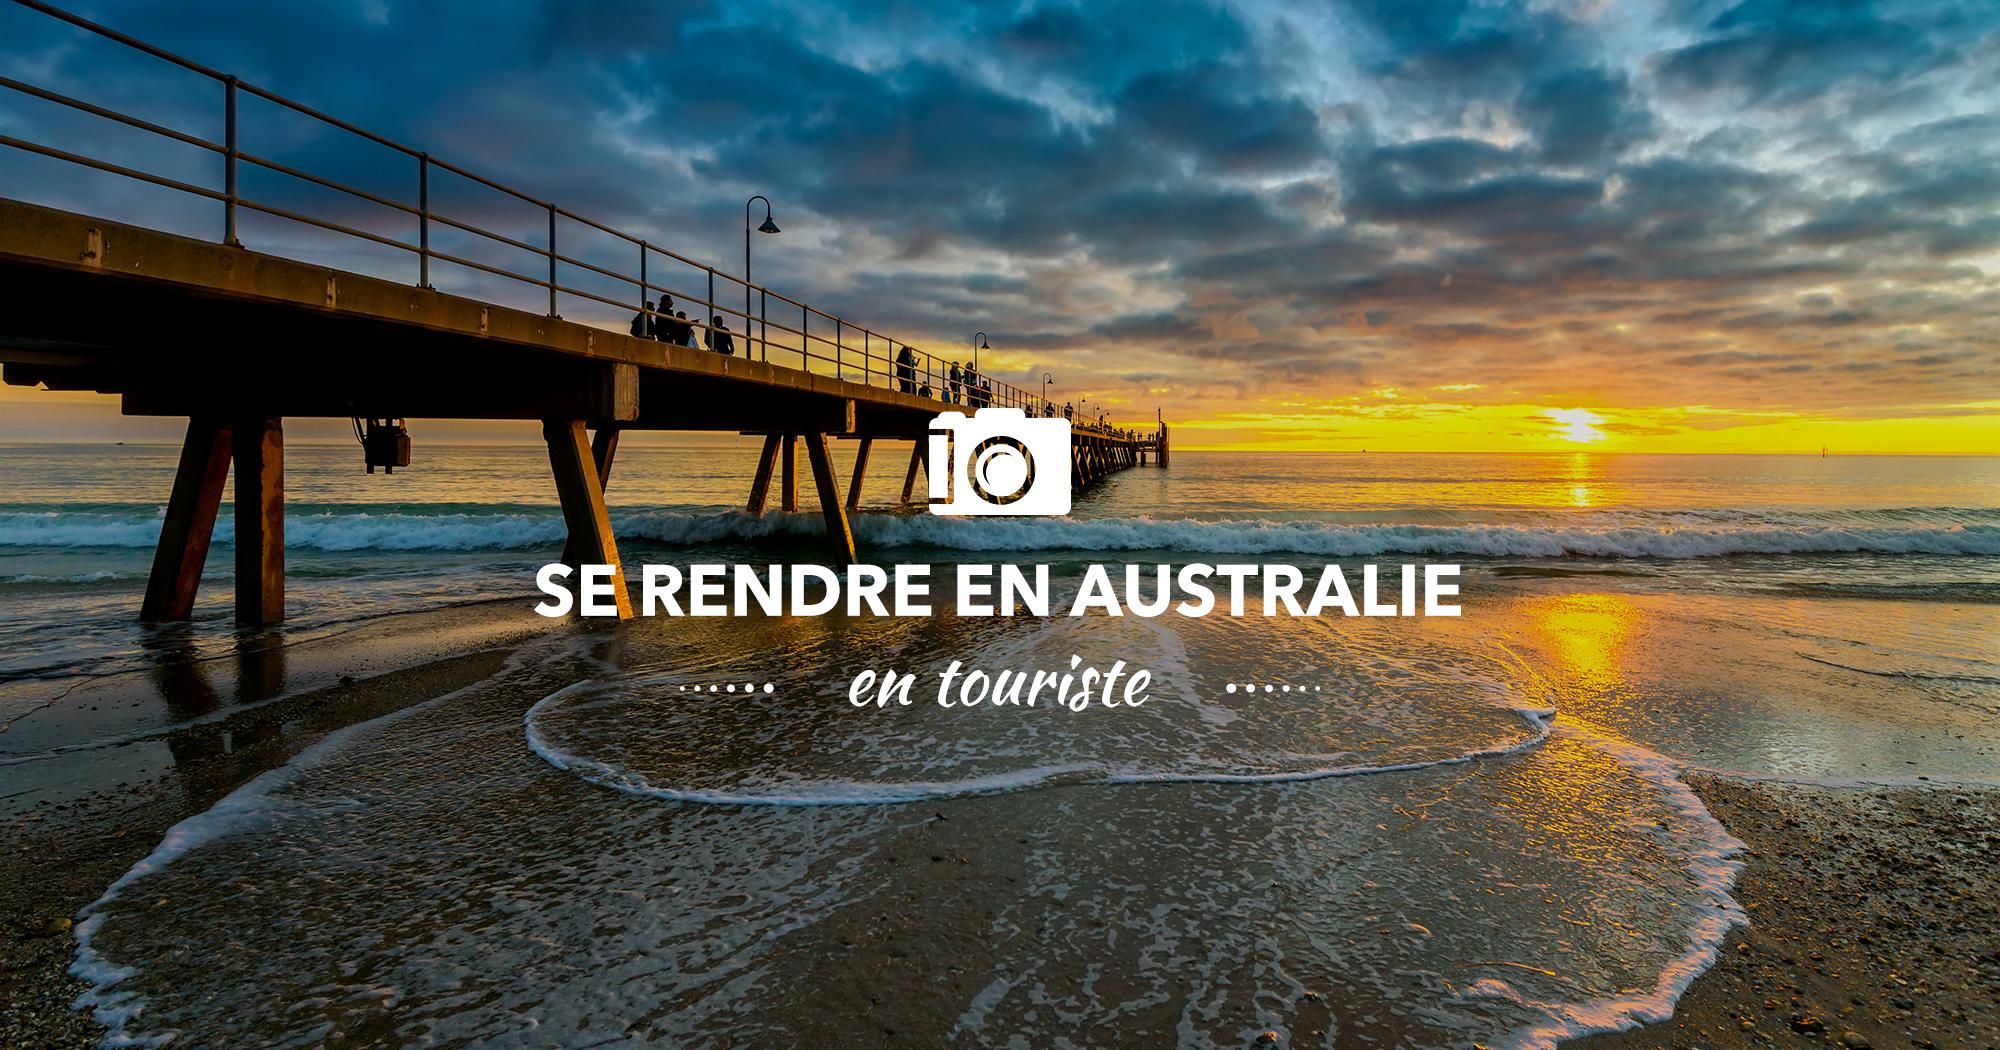 visuels-dossiers-whv-australie-en-touriste